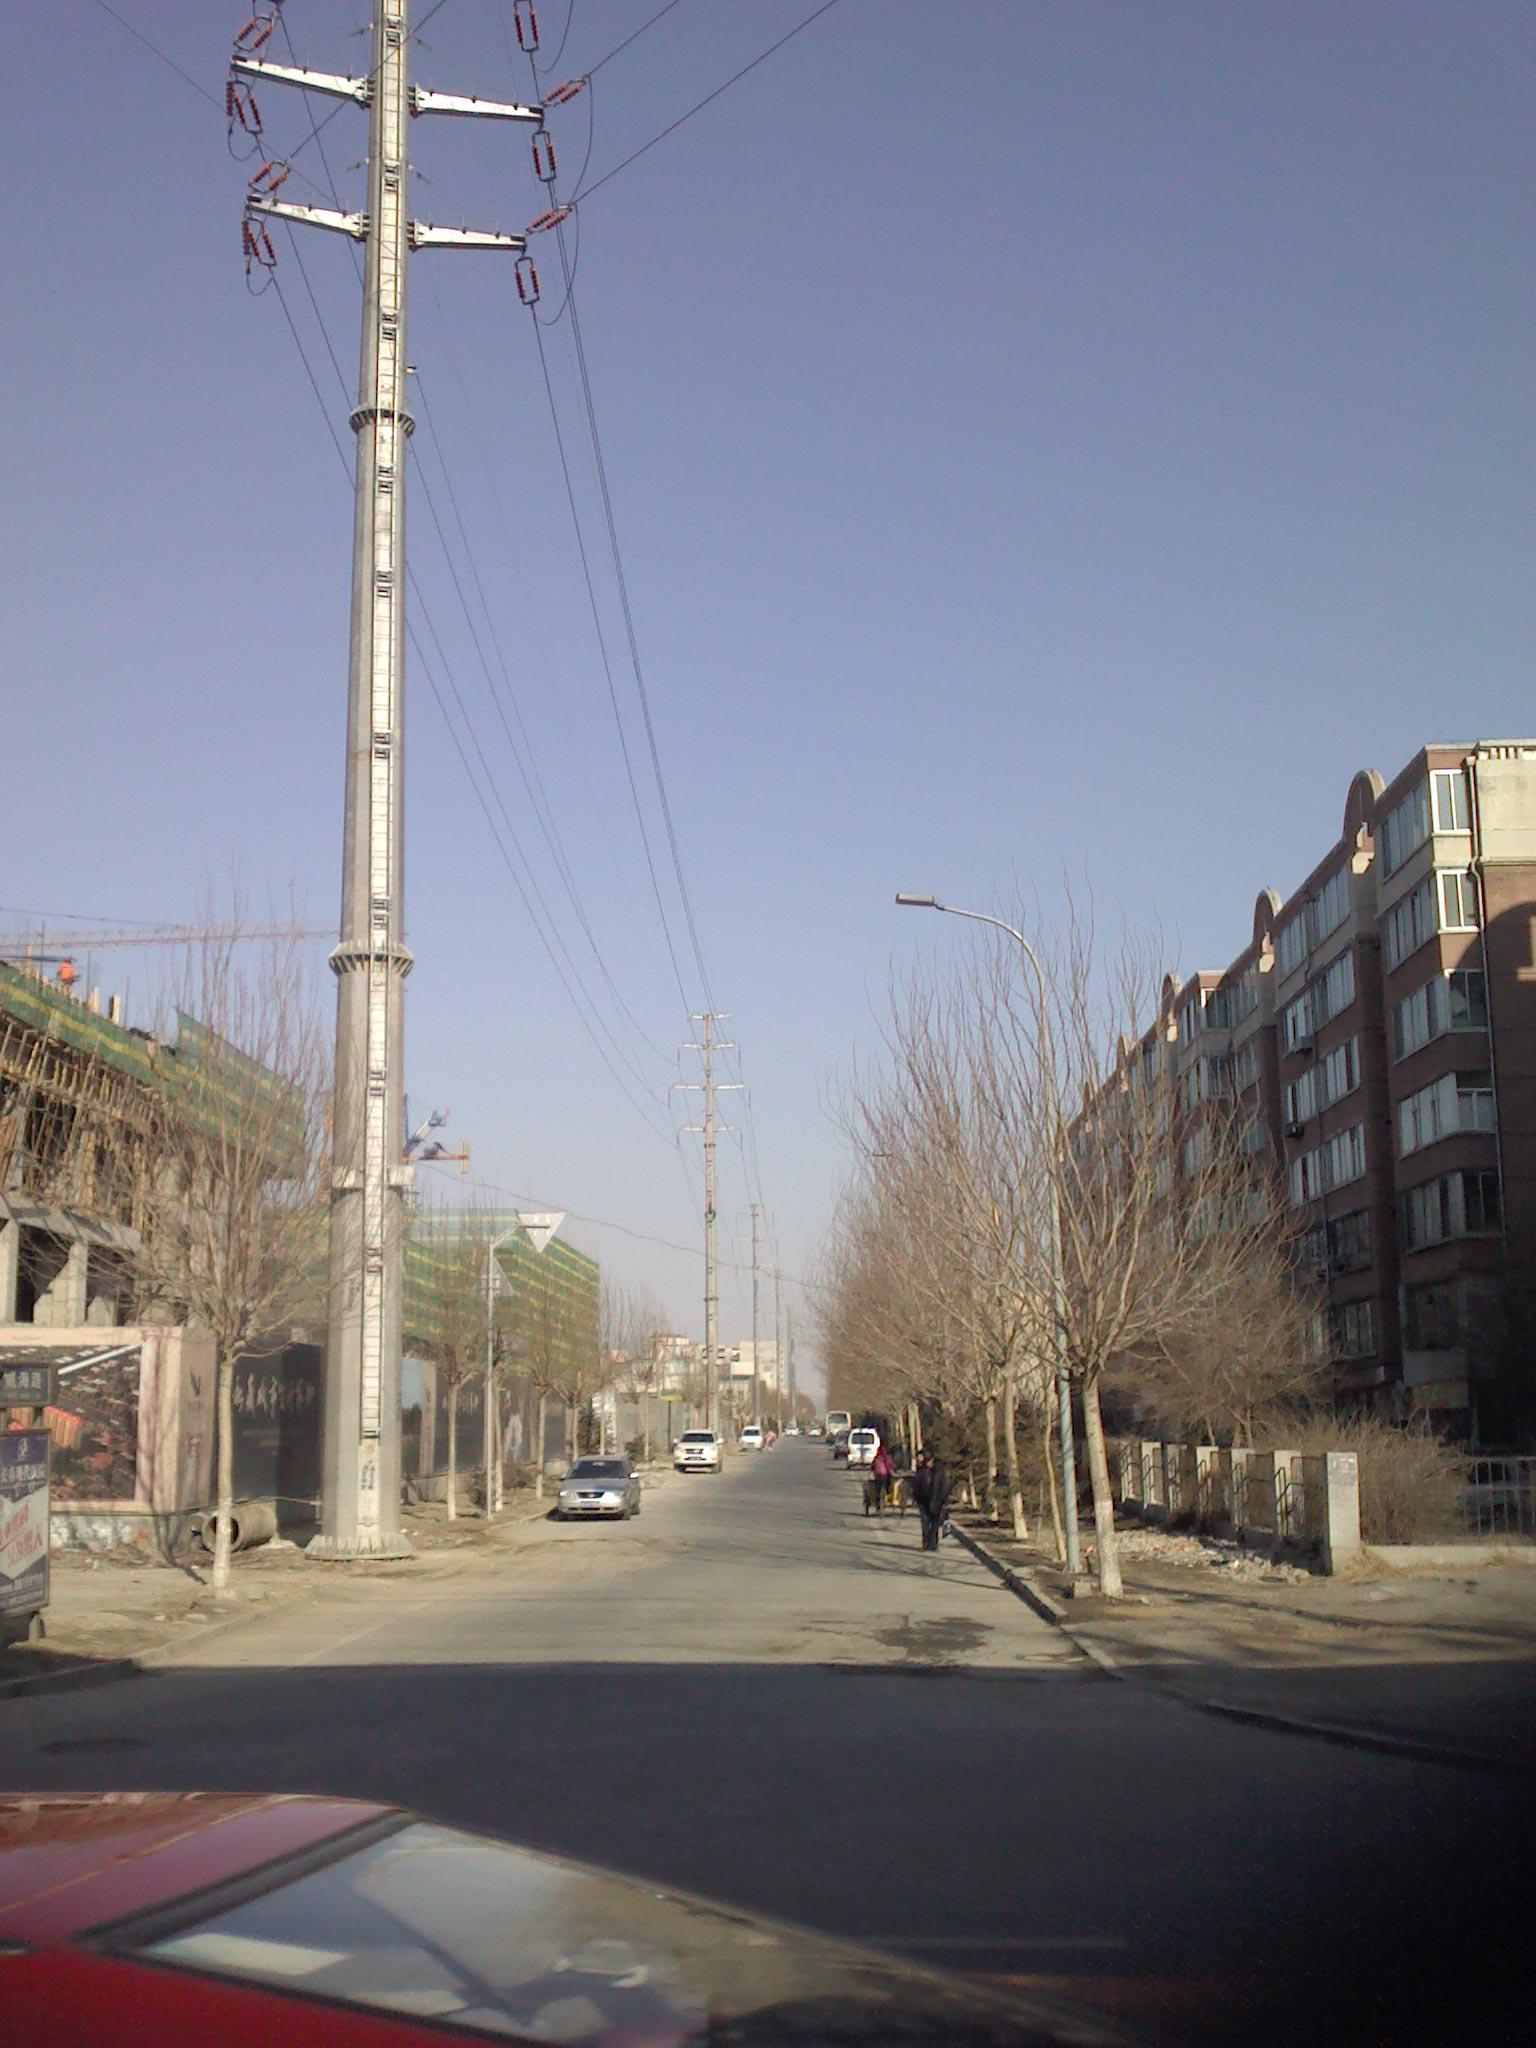 照片看出来吗 长春市跟临河街交汇的威海路 那边的高压线高清图片